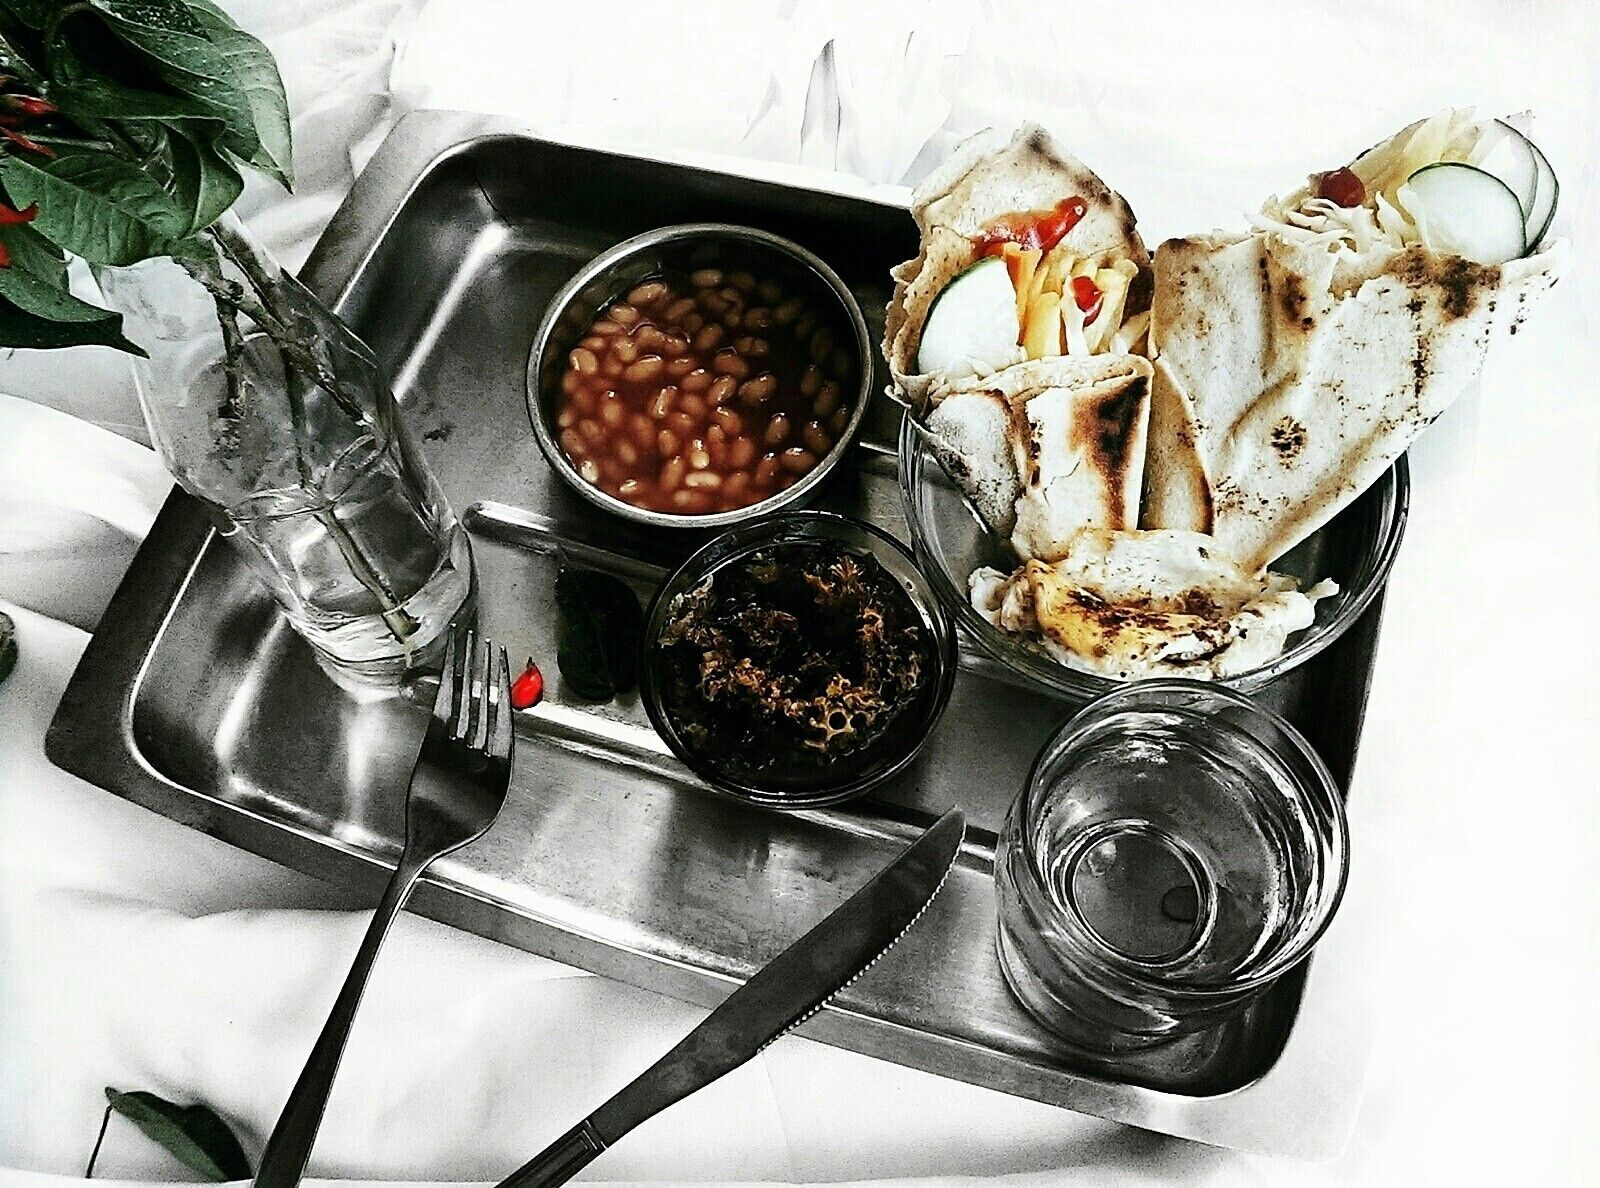 Breakfast in bed breakfast nigerianfood Nigerian food